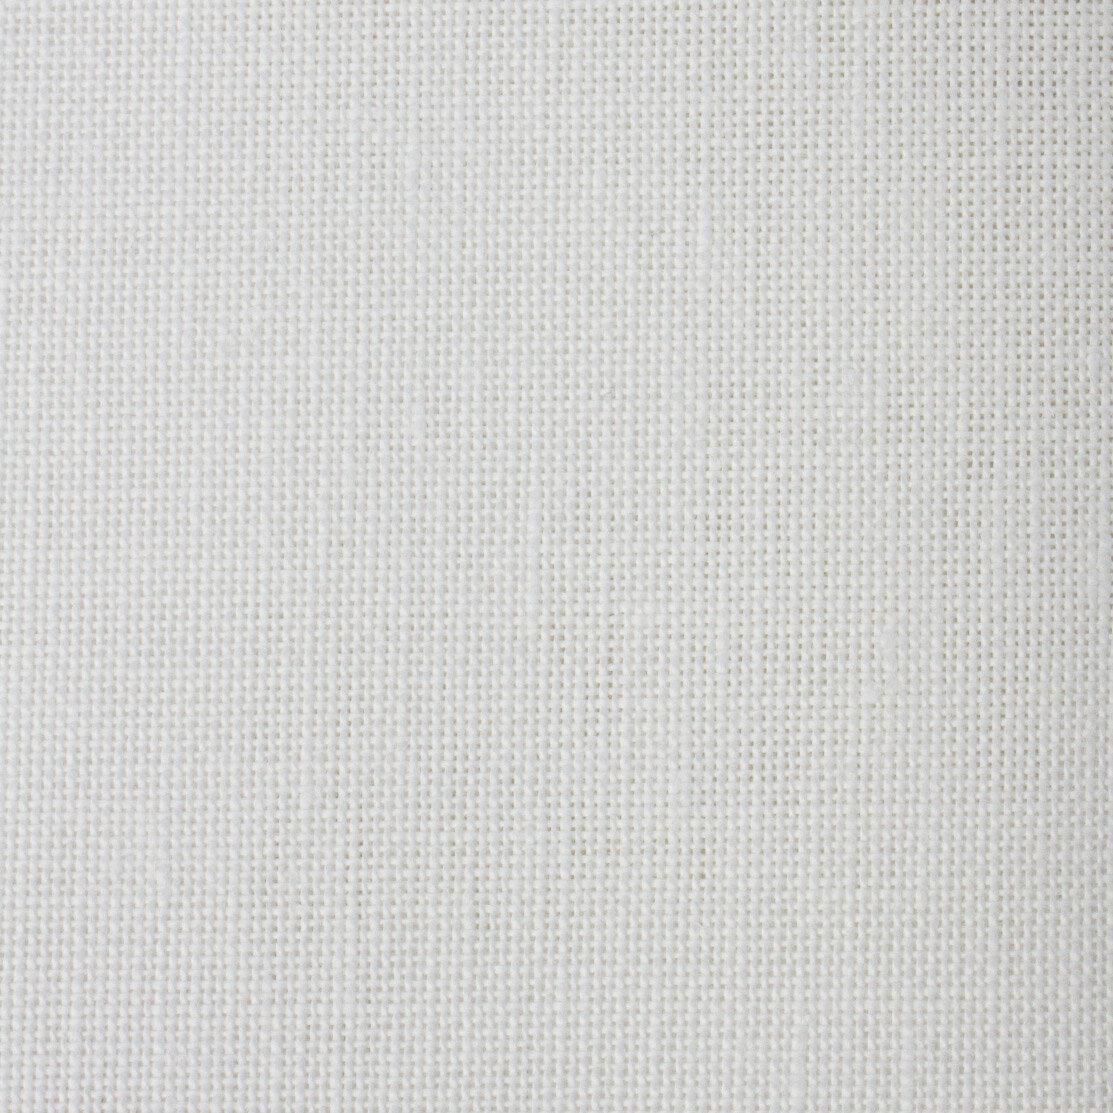 28 count Cashel L.E. 10/% off Zweigart//Silkweaver Fabric Frightful Pumpkin